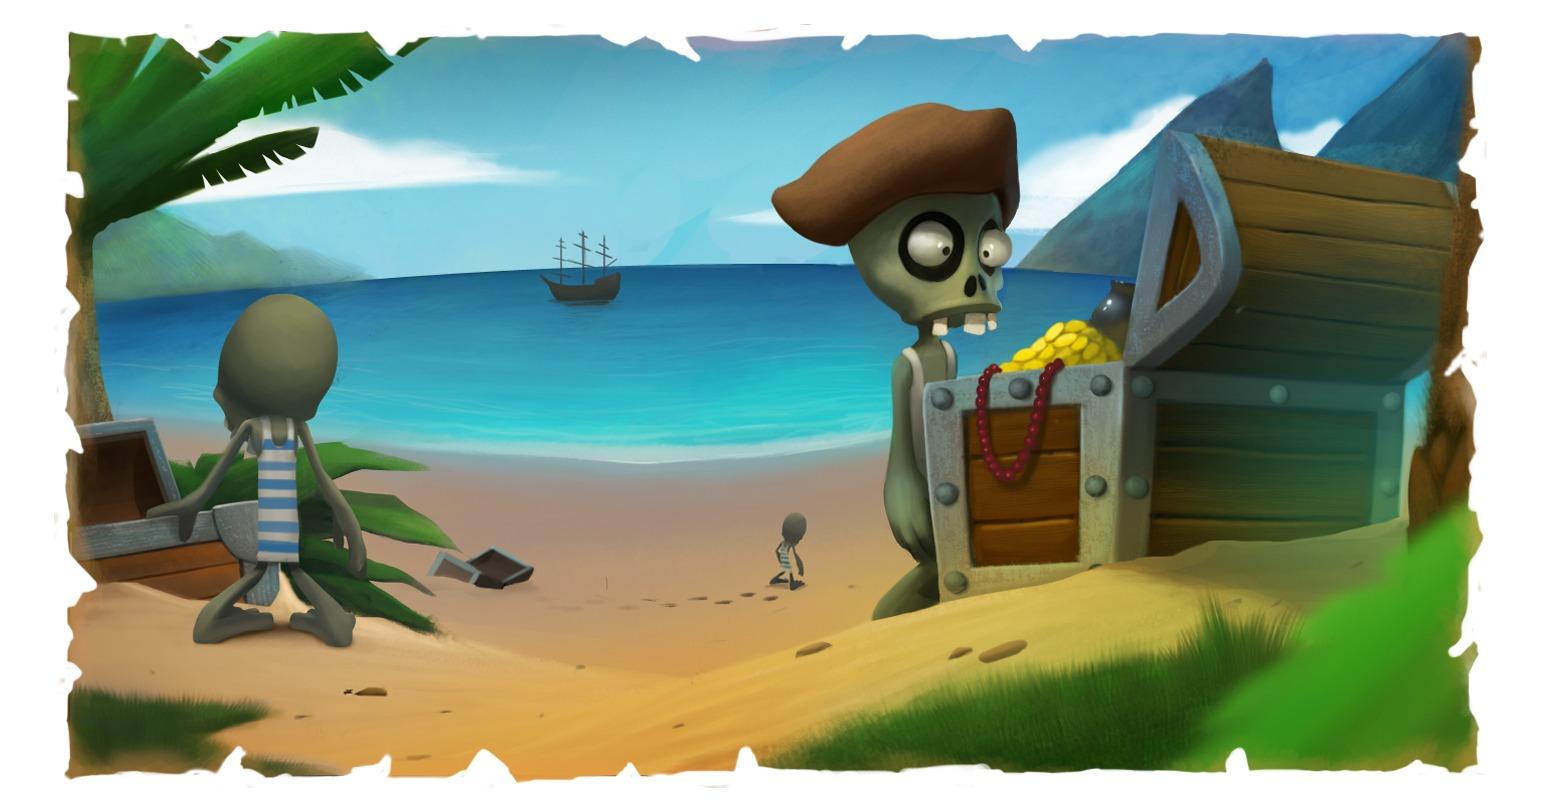 Секретный остров в зомби ферме, чаво: Троянский и Лилипутский острова в мобильной ЗФ 11 фотография